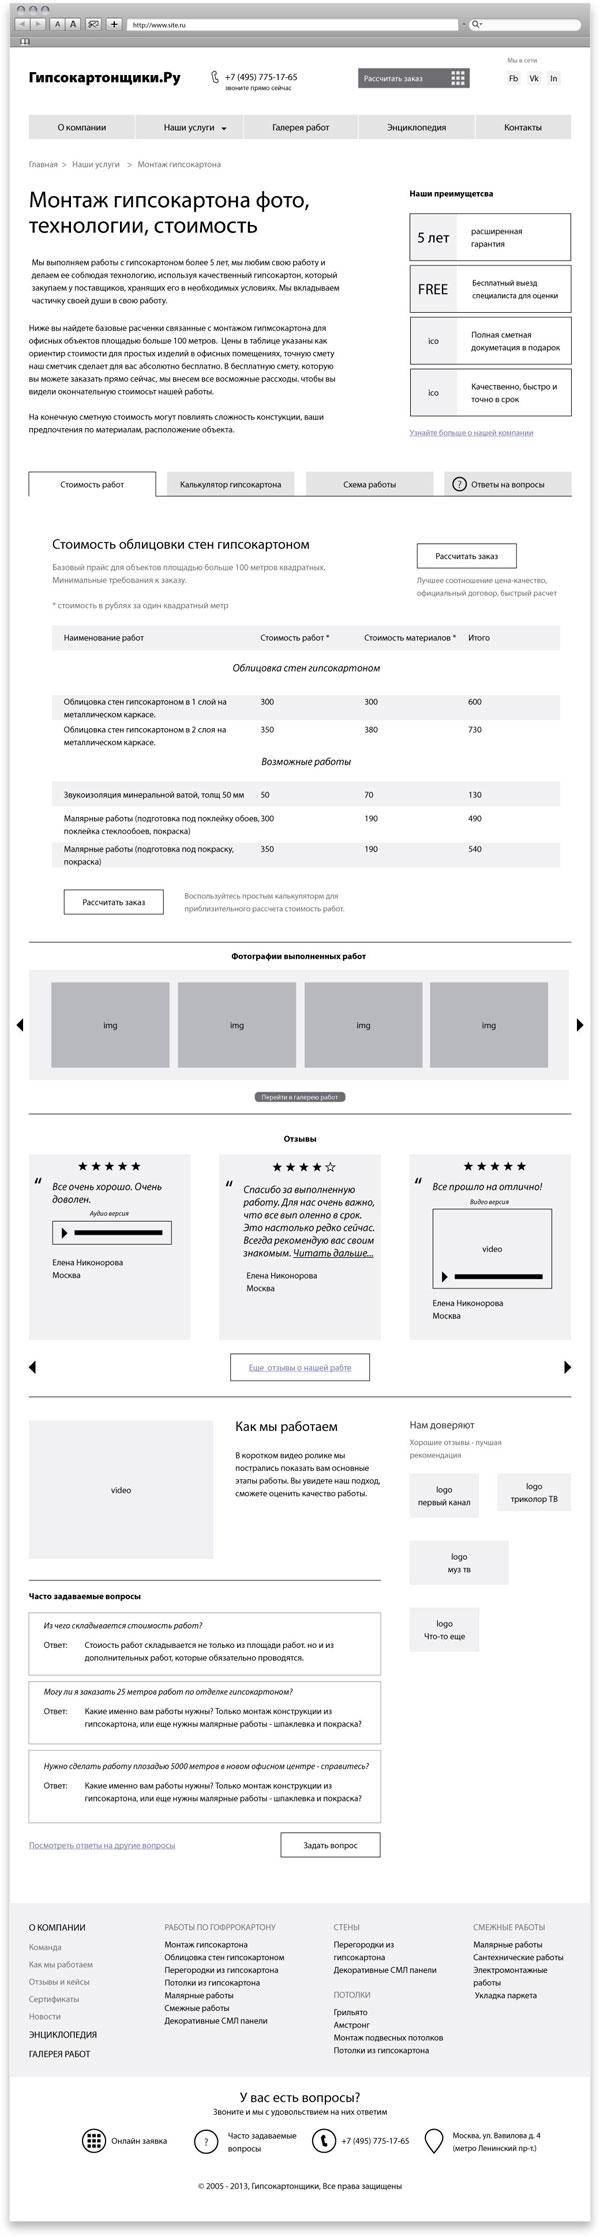 Страница описания услуг. Сделал для знакомых в рамках перепроектирования их сайта.